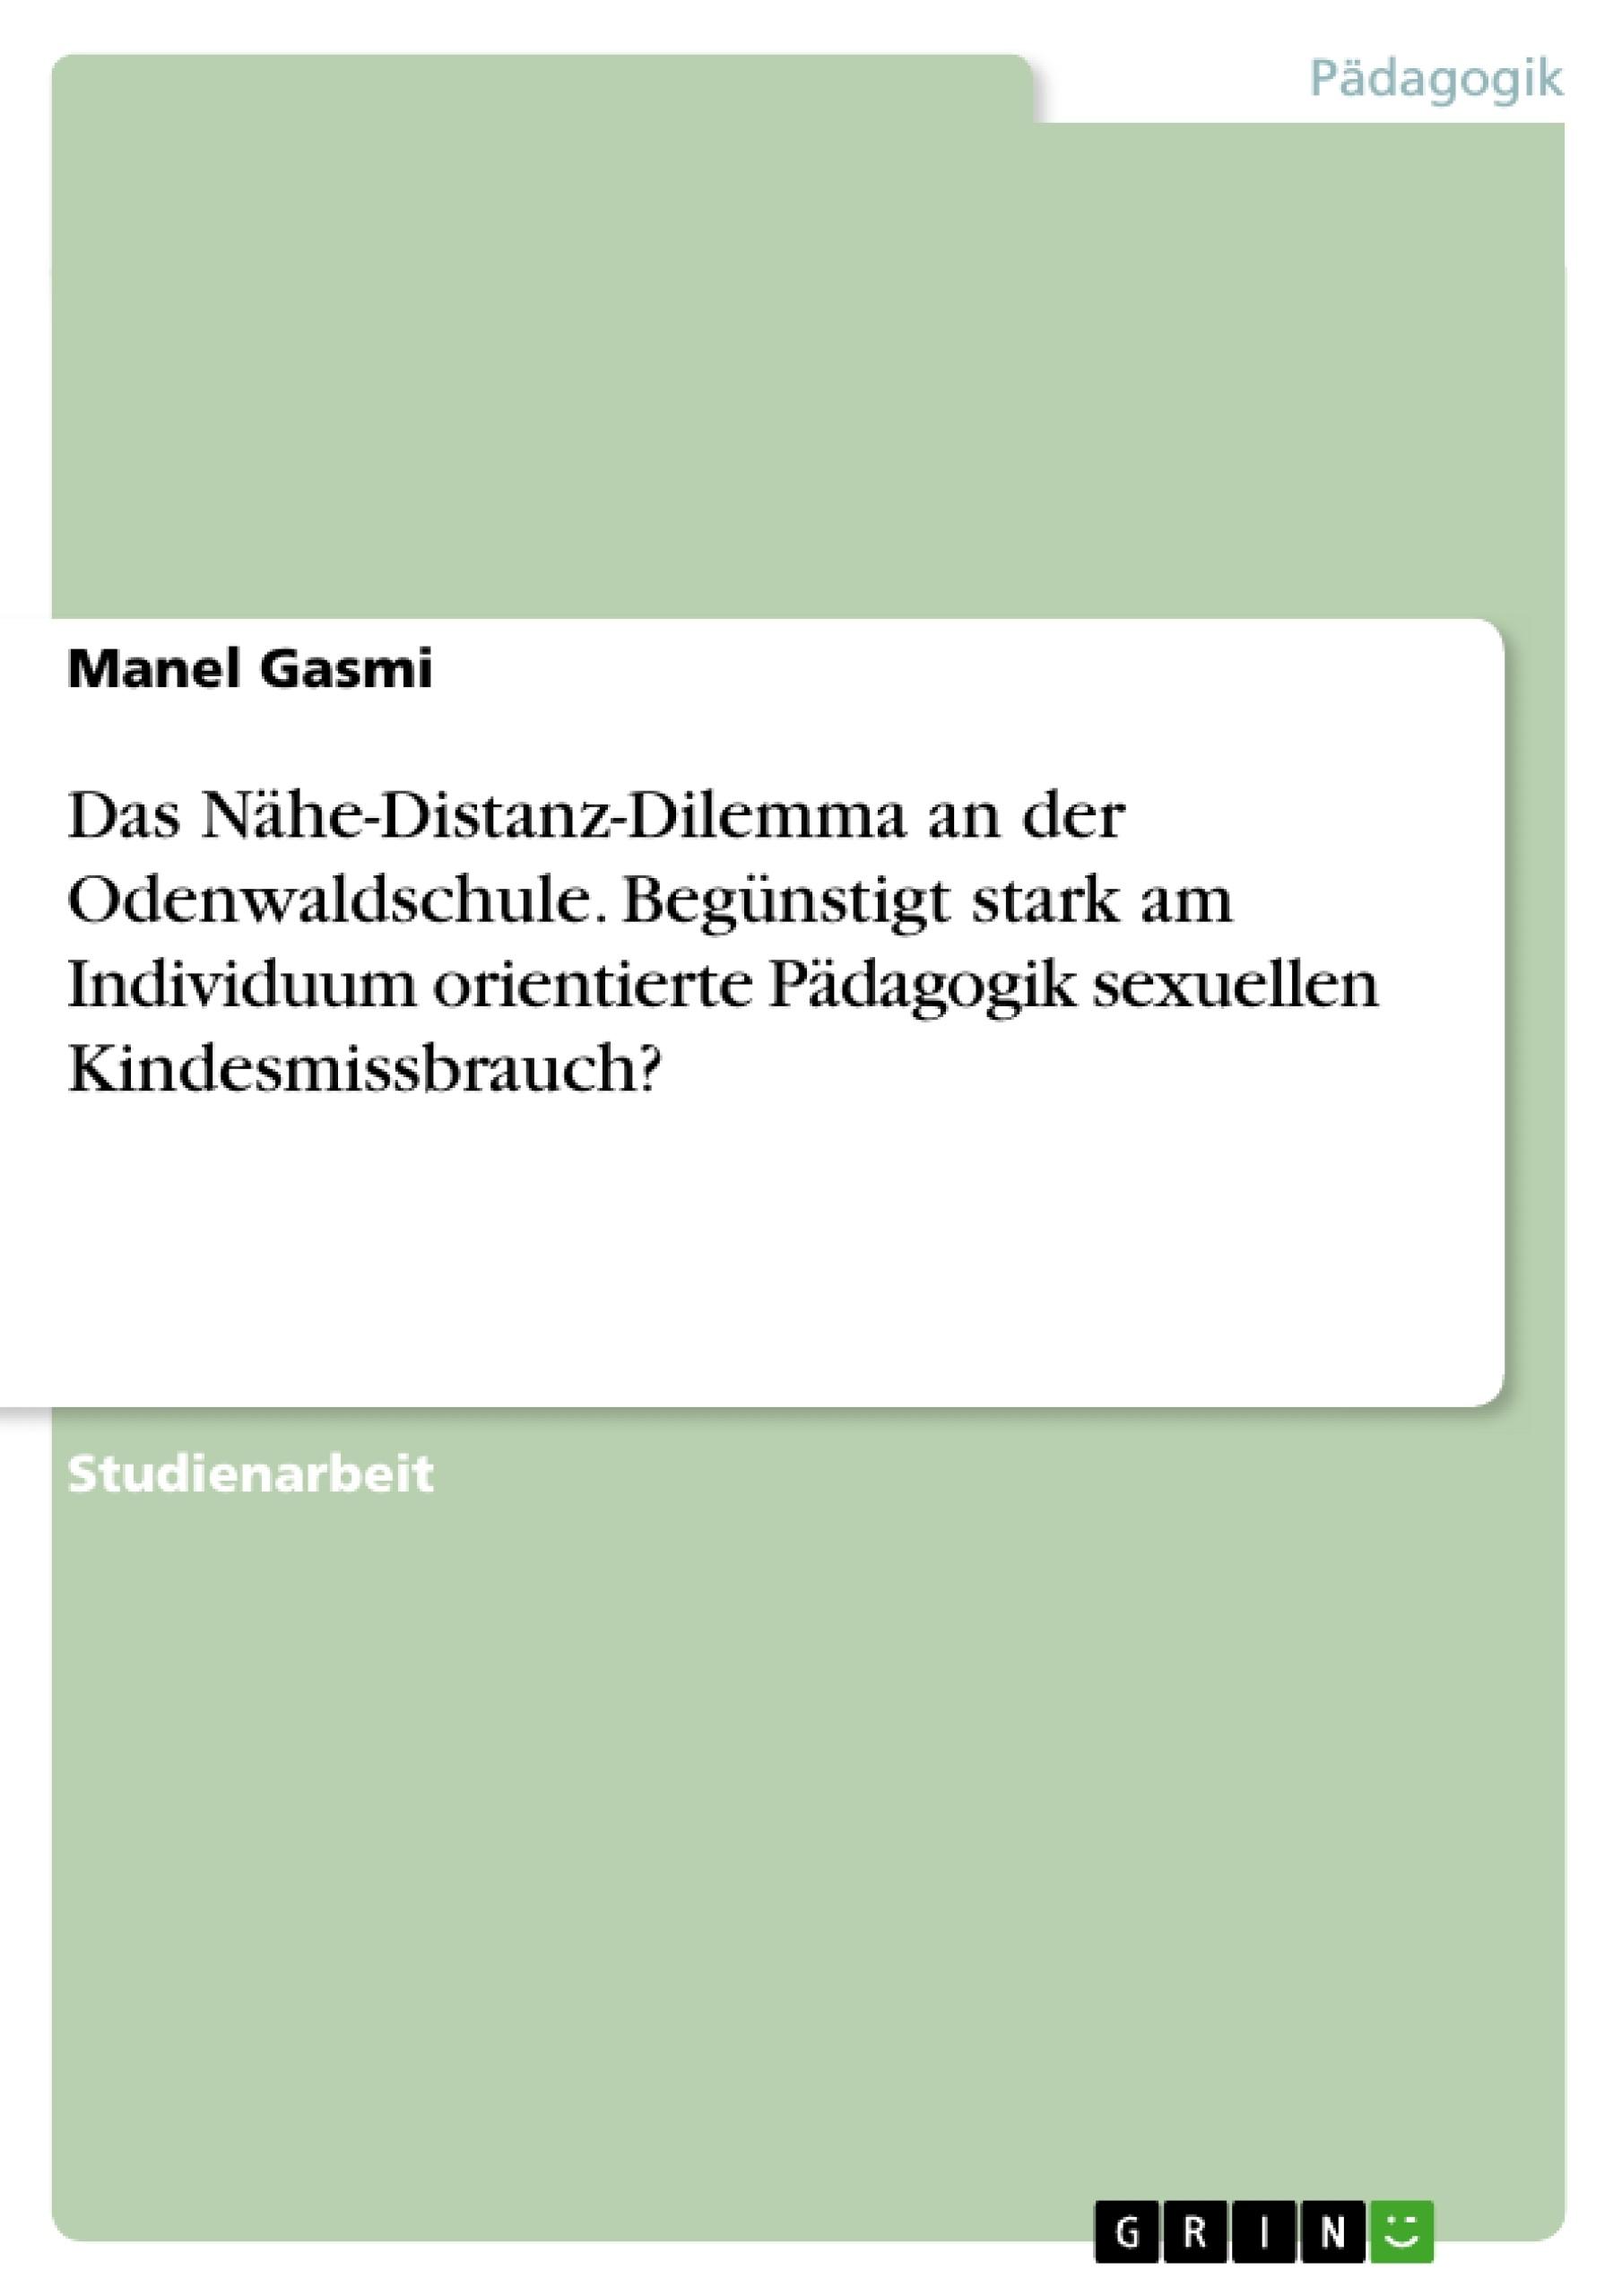 Titel: Das Nähe-Distanz-Dilemma an der Odenwaldschule. Begünstigt stark am Individuum orientierte Pädagogik sexuellen Kindesmissbrauch?